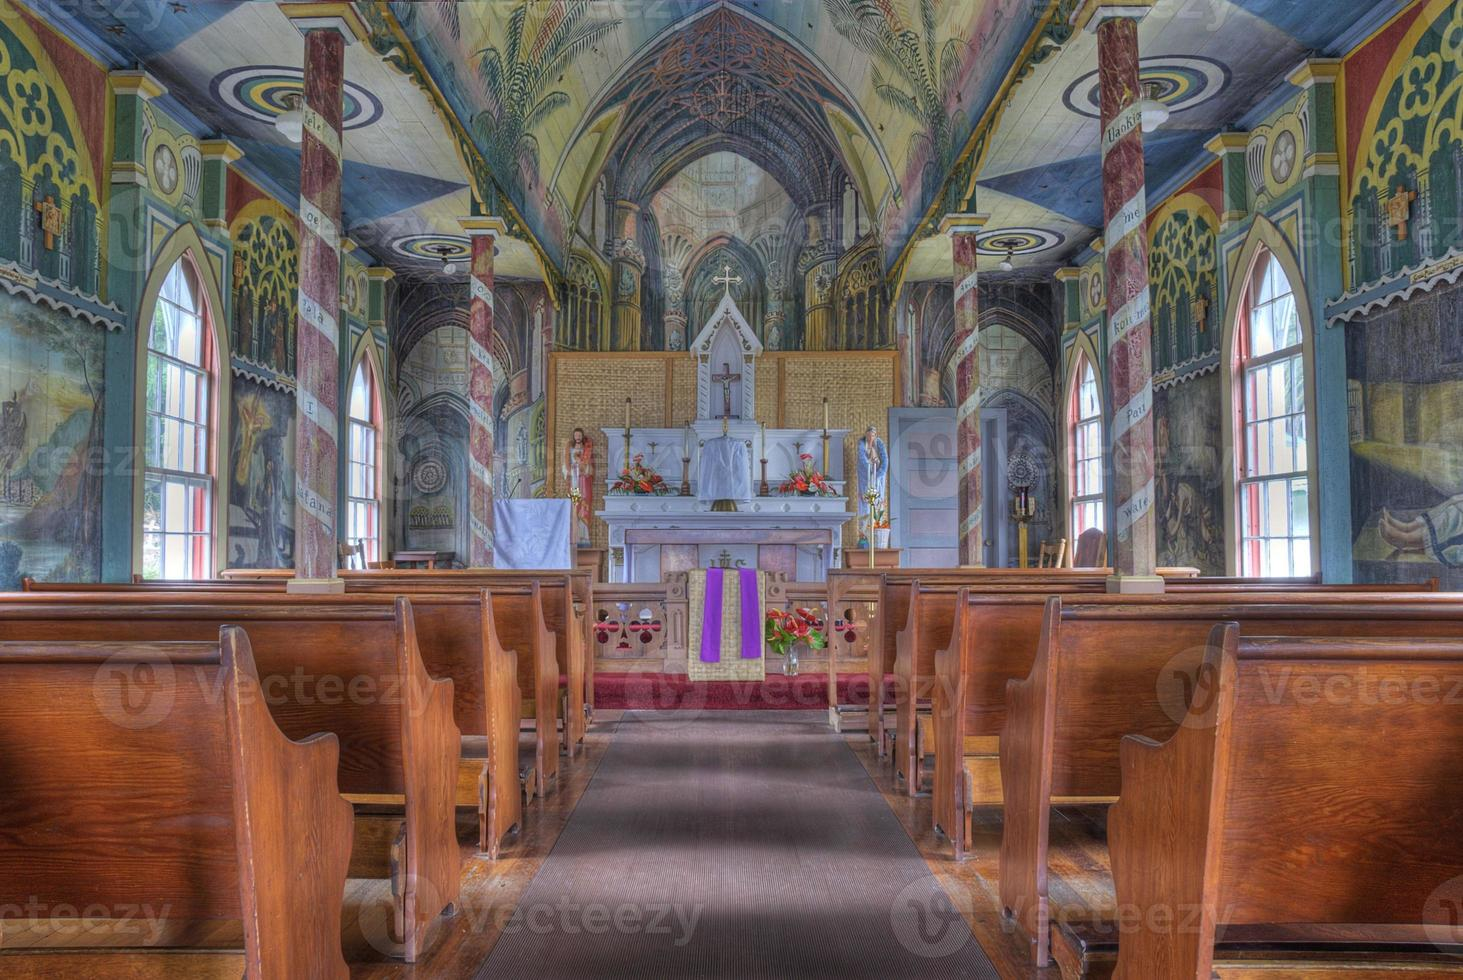 målad kyrka foto